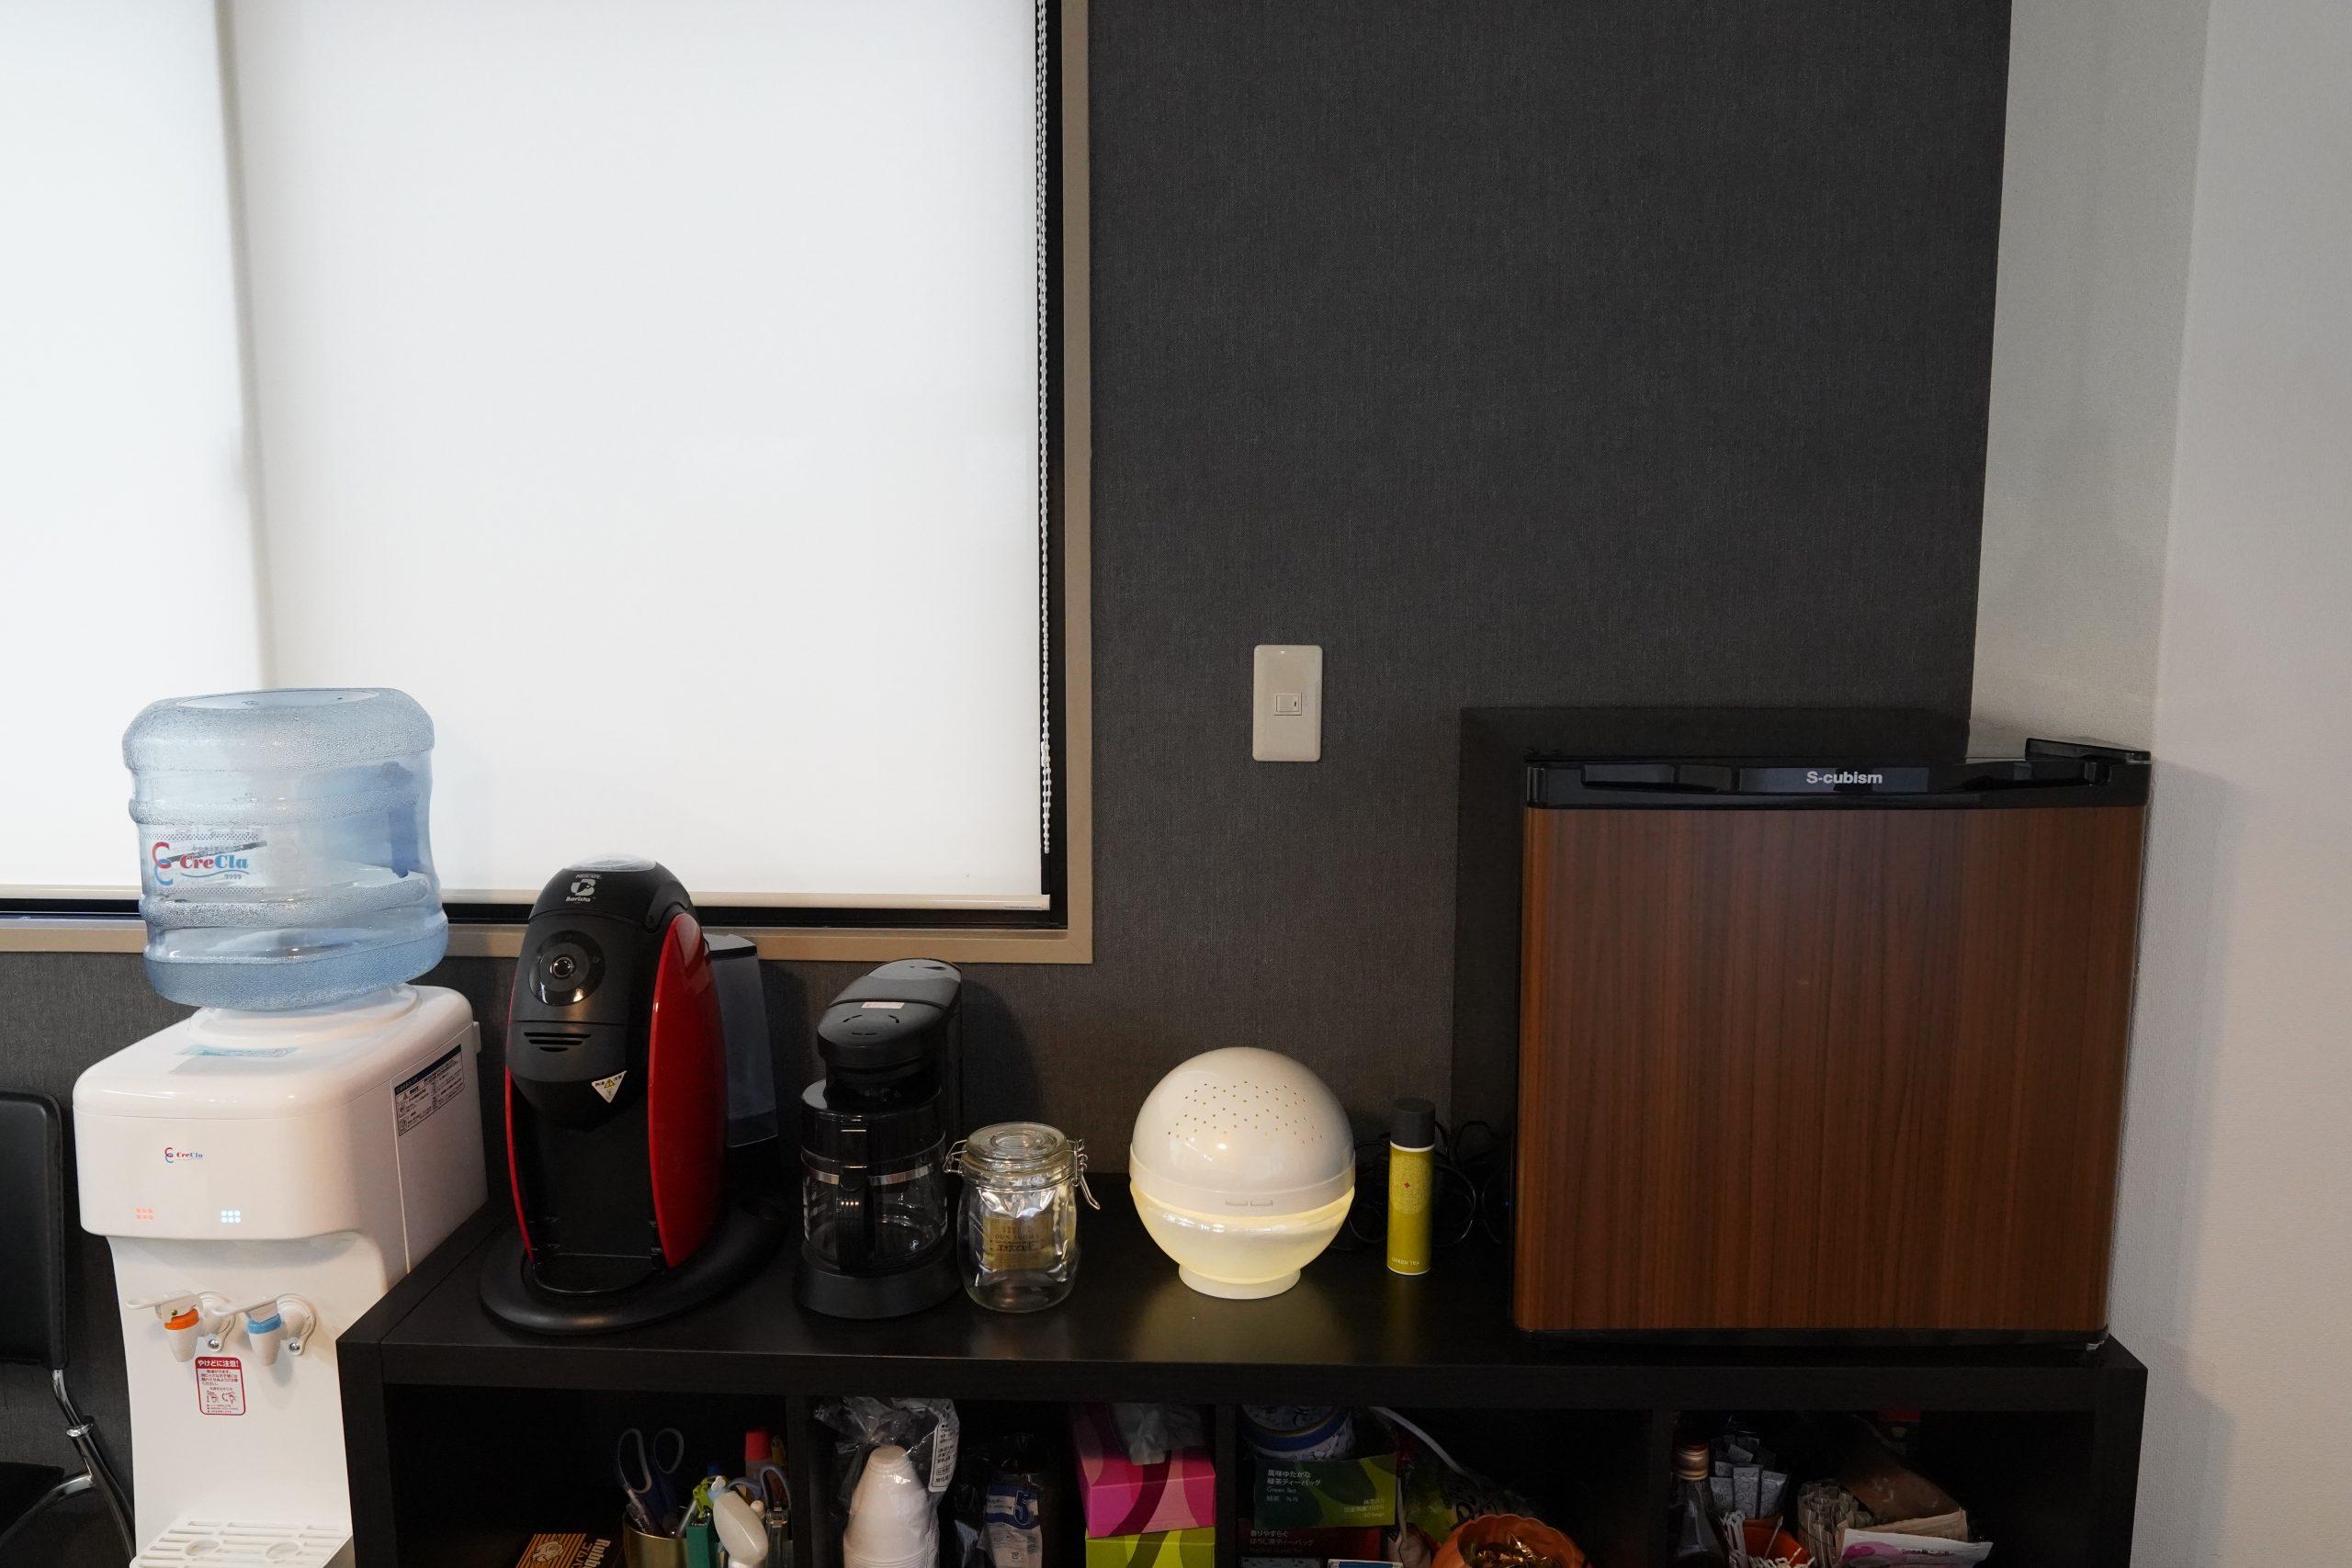 左からウオーターサーバー(クリクラ)、コーヒーメーカー、空気清浄機(antibac2K)、冷蔵庫